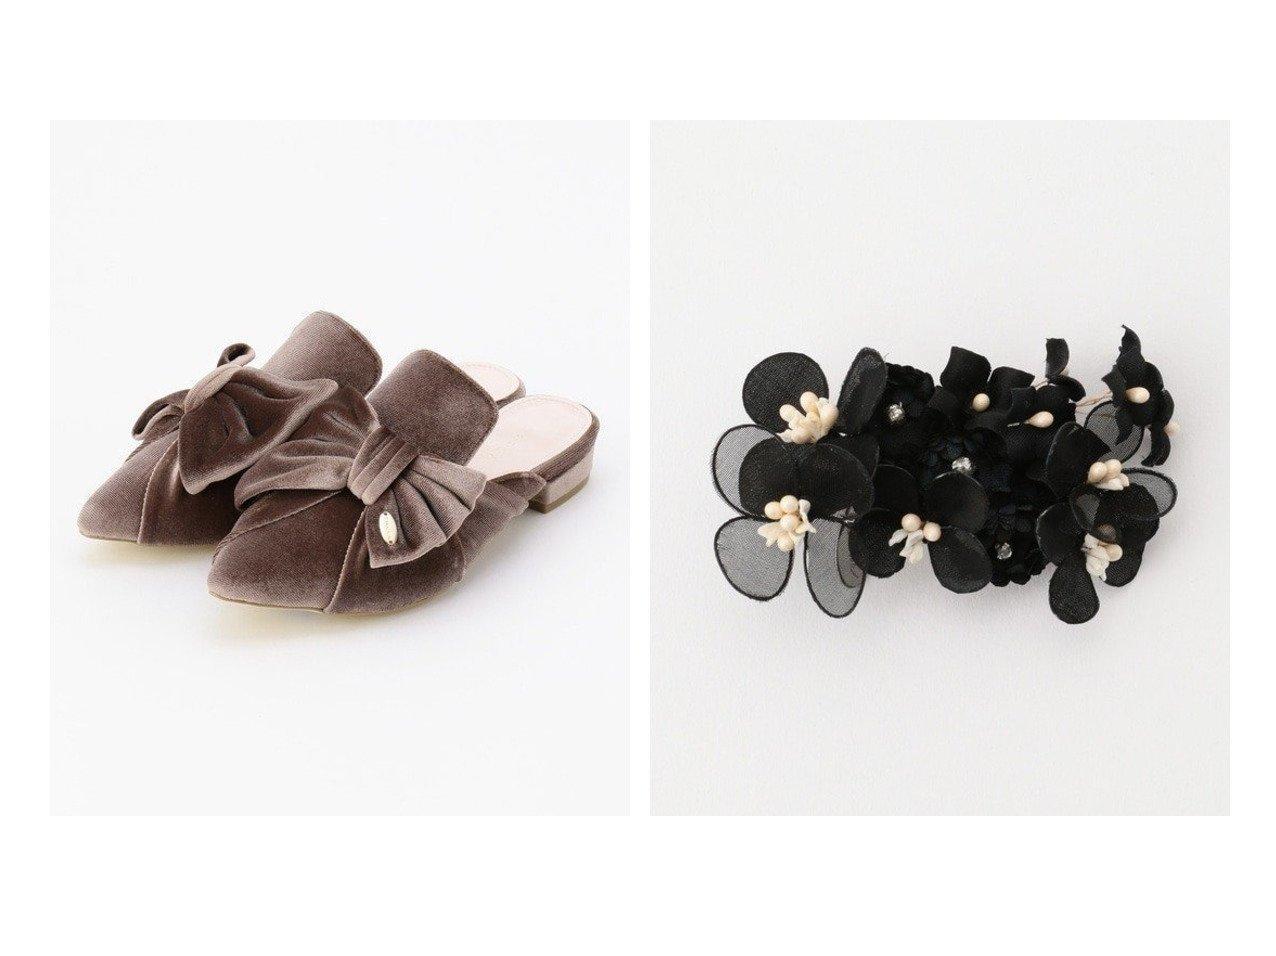 【TOCCA/トッカ】のVELVET RIBBON slipons スリッポン&ATELIERSENKA GARDEN ブローチ TOCCAのおすすめ!人気、トレンド・レディースファッションの通販  おすすめで人気の流行・トレンド、ファッションの通販商品 メンズファッション・キッズファッション・インテリア・家具・レディースファッション・服の通販 founy(ファニー) https://founy.com/ ファッション Fashion レディースファッション WOMEN 送料無料 Free Shipping A/W 秋冬 AW Autumn/Winter / FW Fall-Winter 冬 Winter スリッポン デニム ベルベット リボン リラックス ロング 2020年 2020 2020 春夏 S/S SS Spring/Summer 2020 S/S 春夏 SS Spring/Summer エレガント シンプル ダメージ フォルム フォーマル ブローチ  ID:crp329100000017764